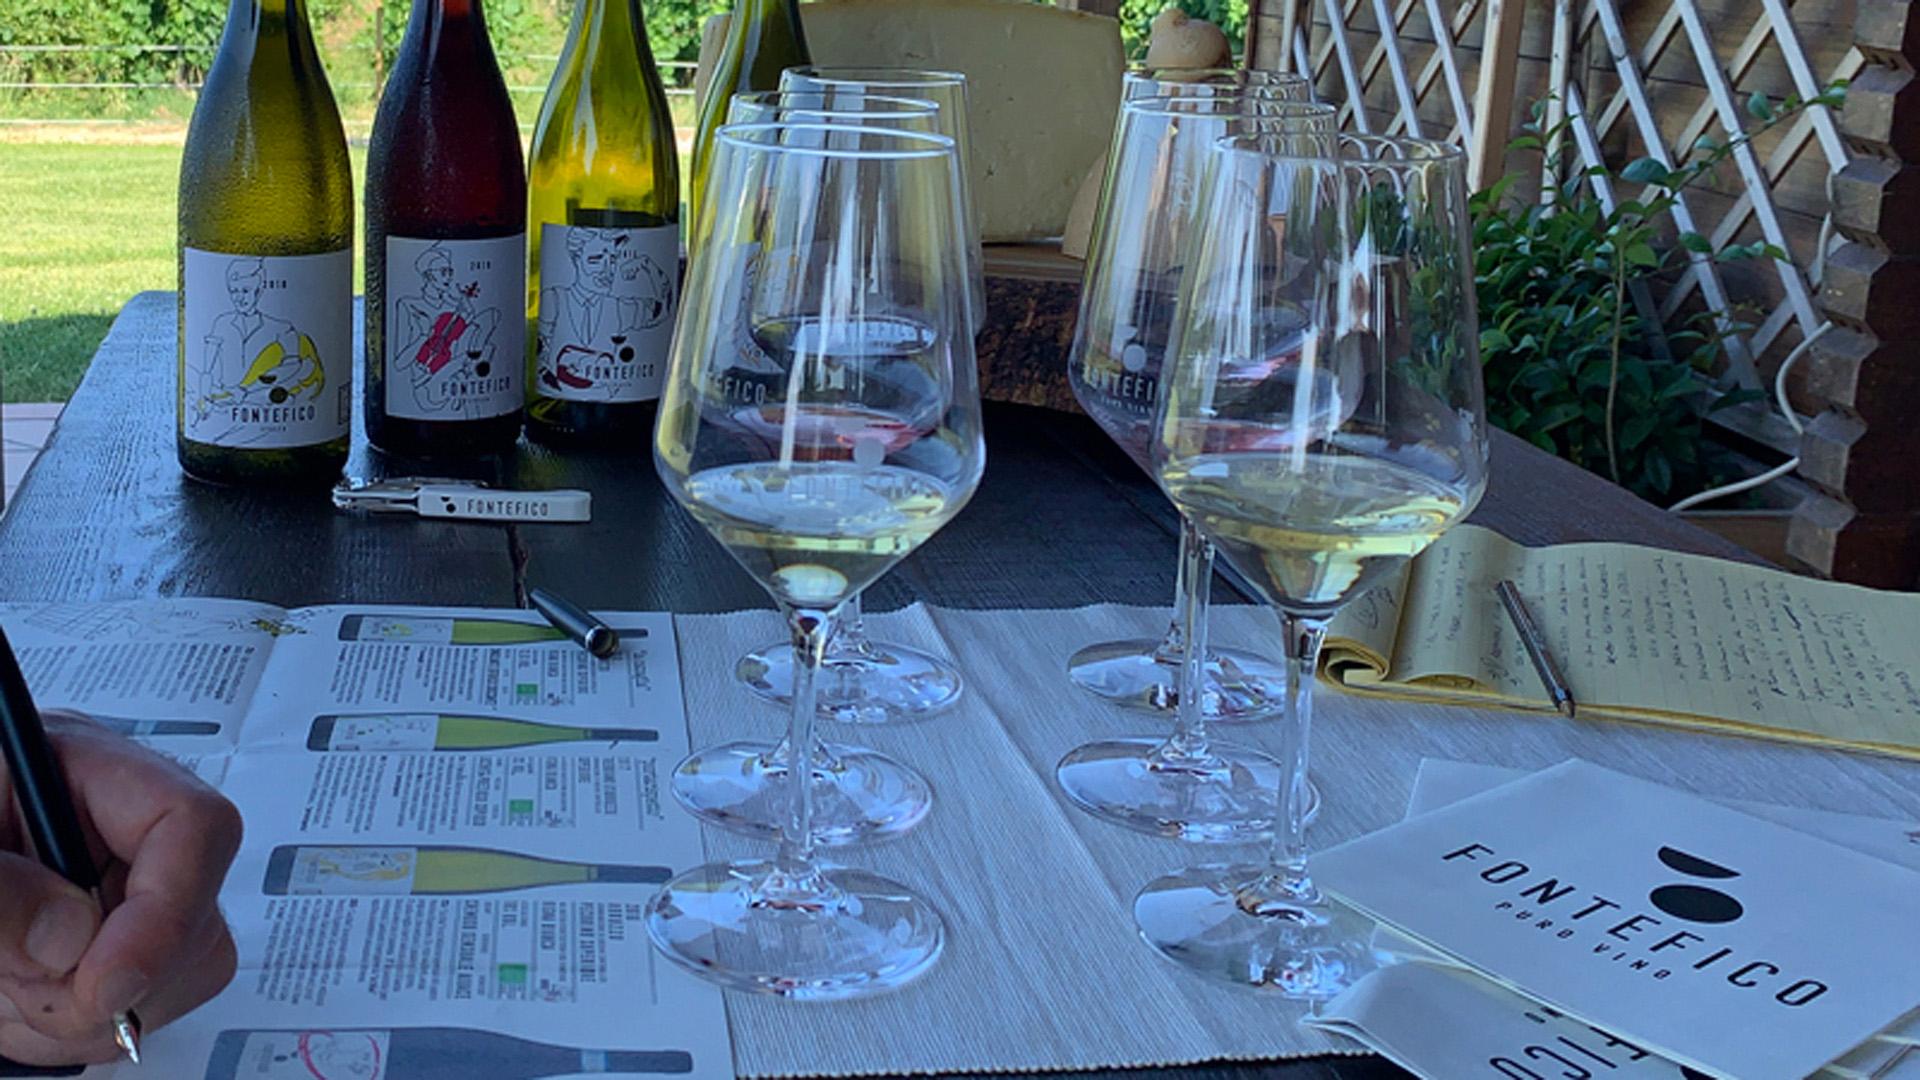 The wine class